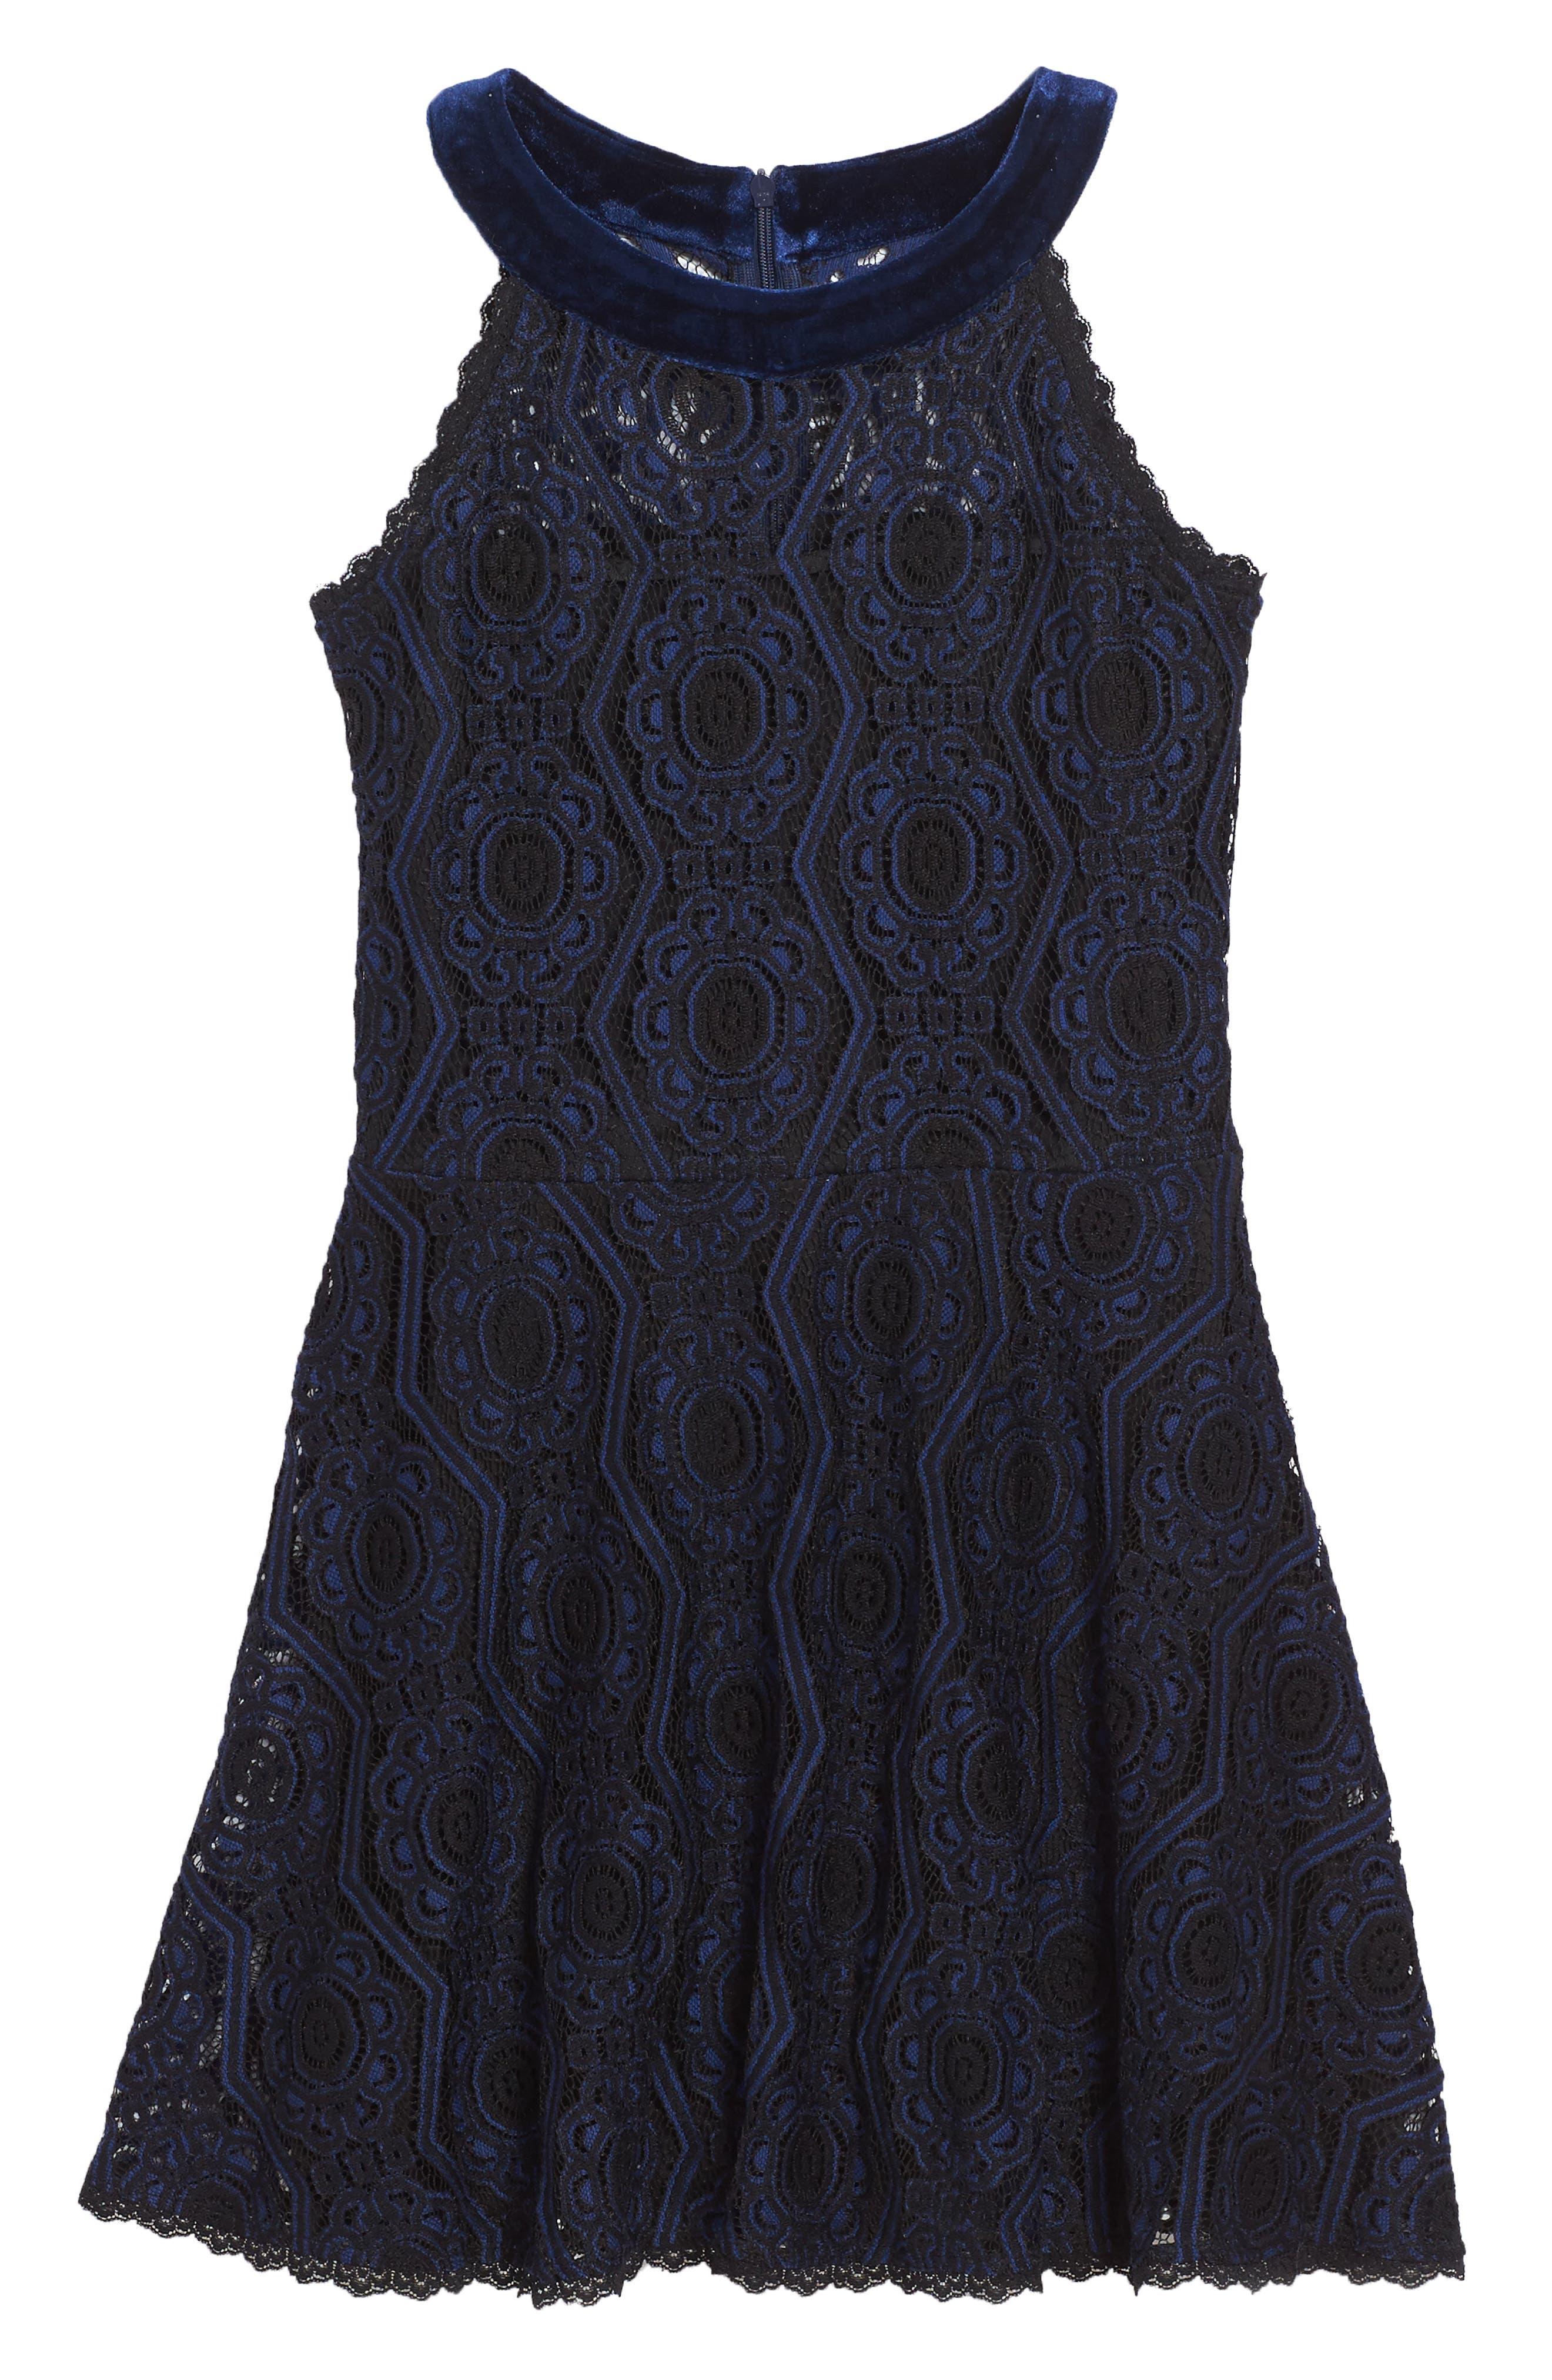 Main Image - Elisa B Lace Skater Dress (Big Girls)